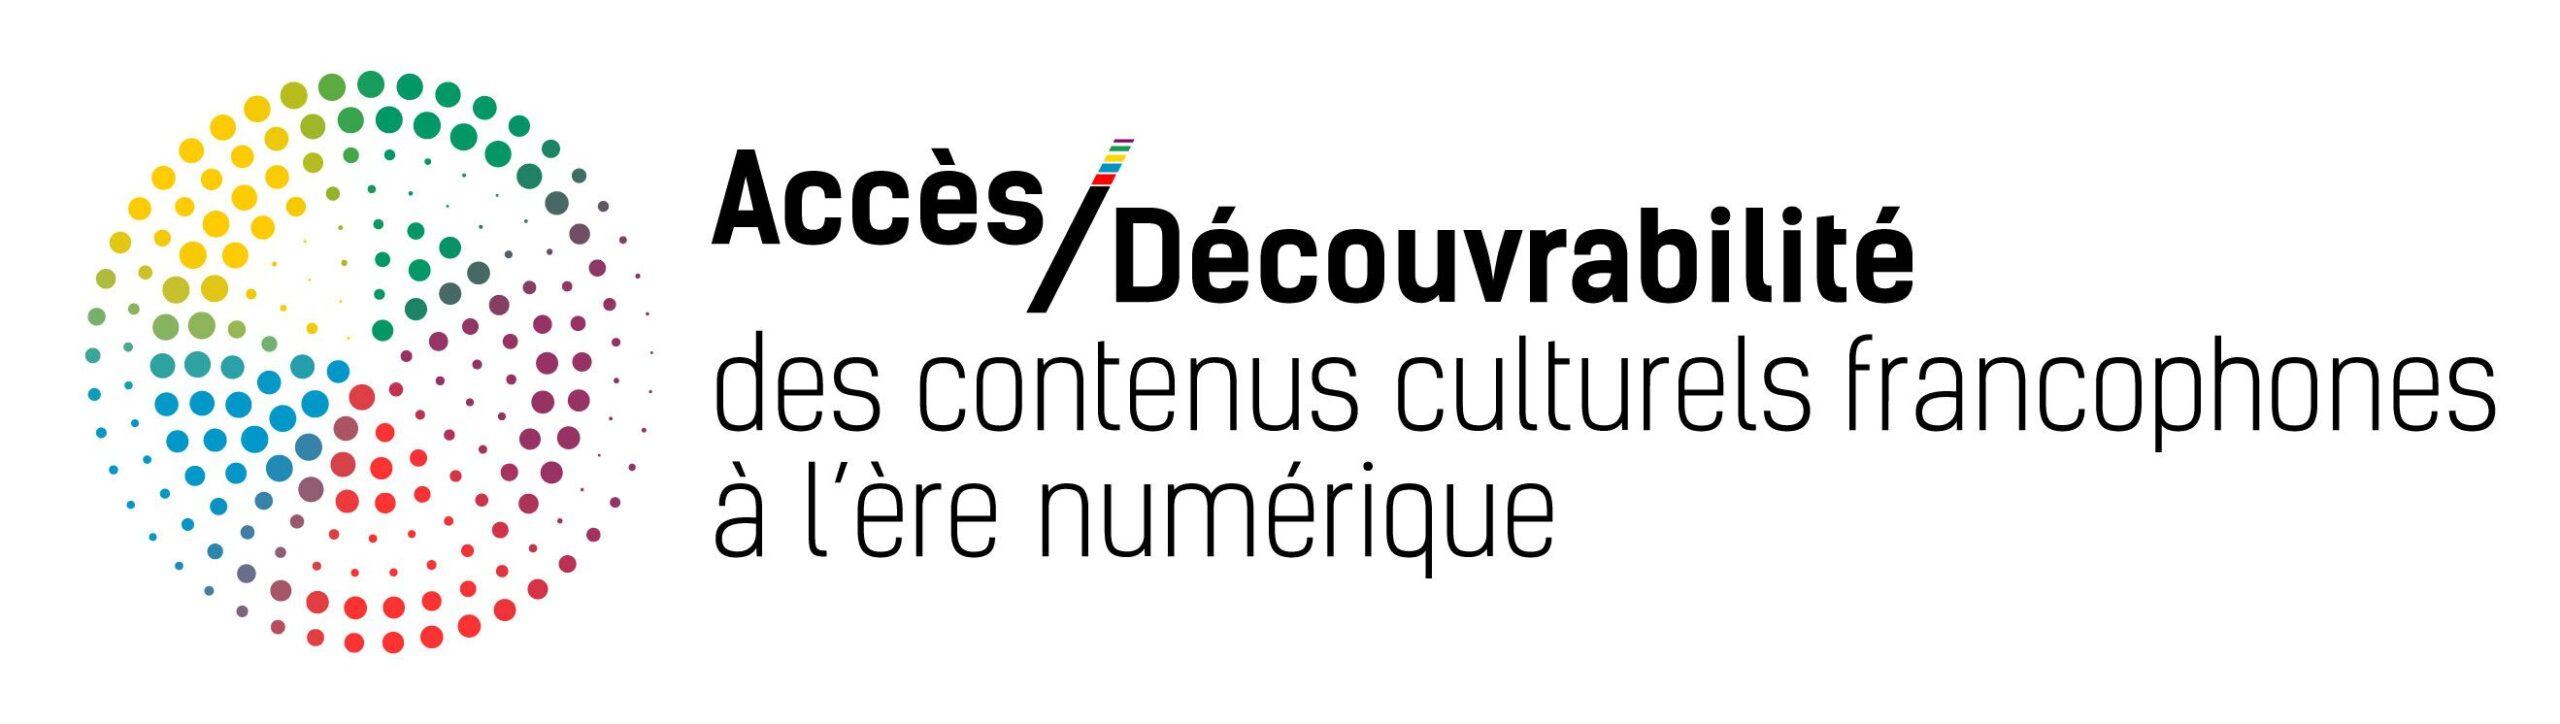 Découvrabilité Francophonie